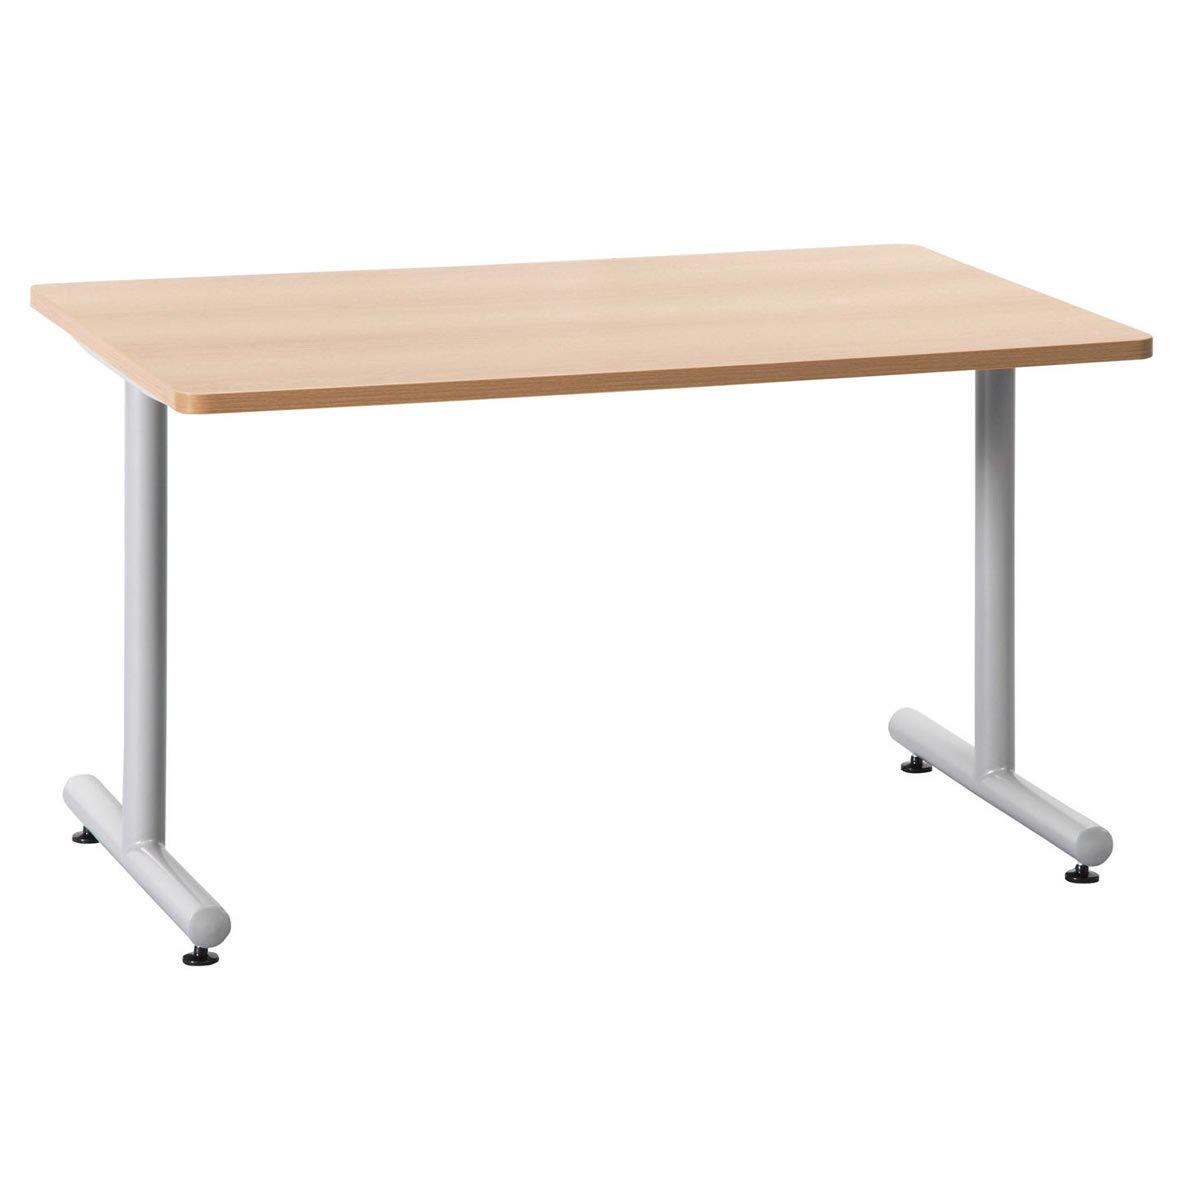 ミーティングテーブル MTS 角形幅1200×奥行き750mm カラー:オーク B00AFJCAZ4オーク